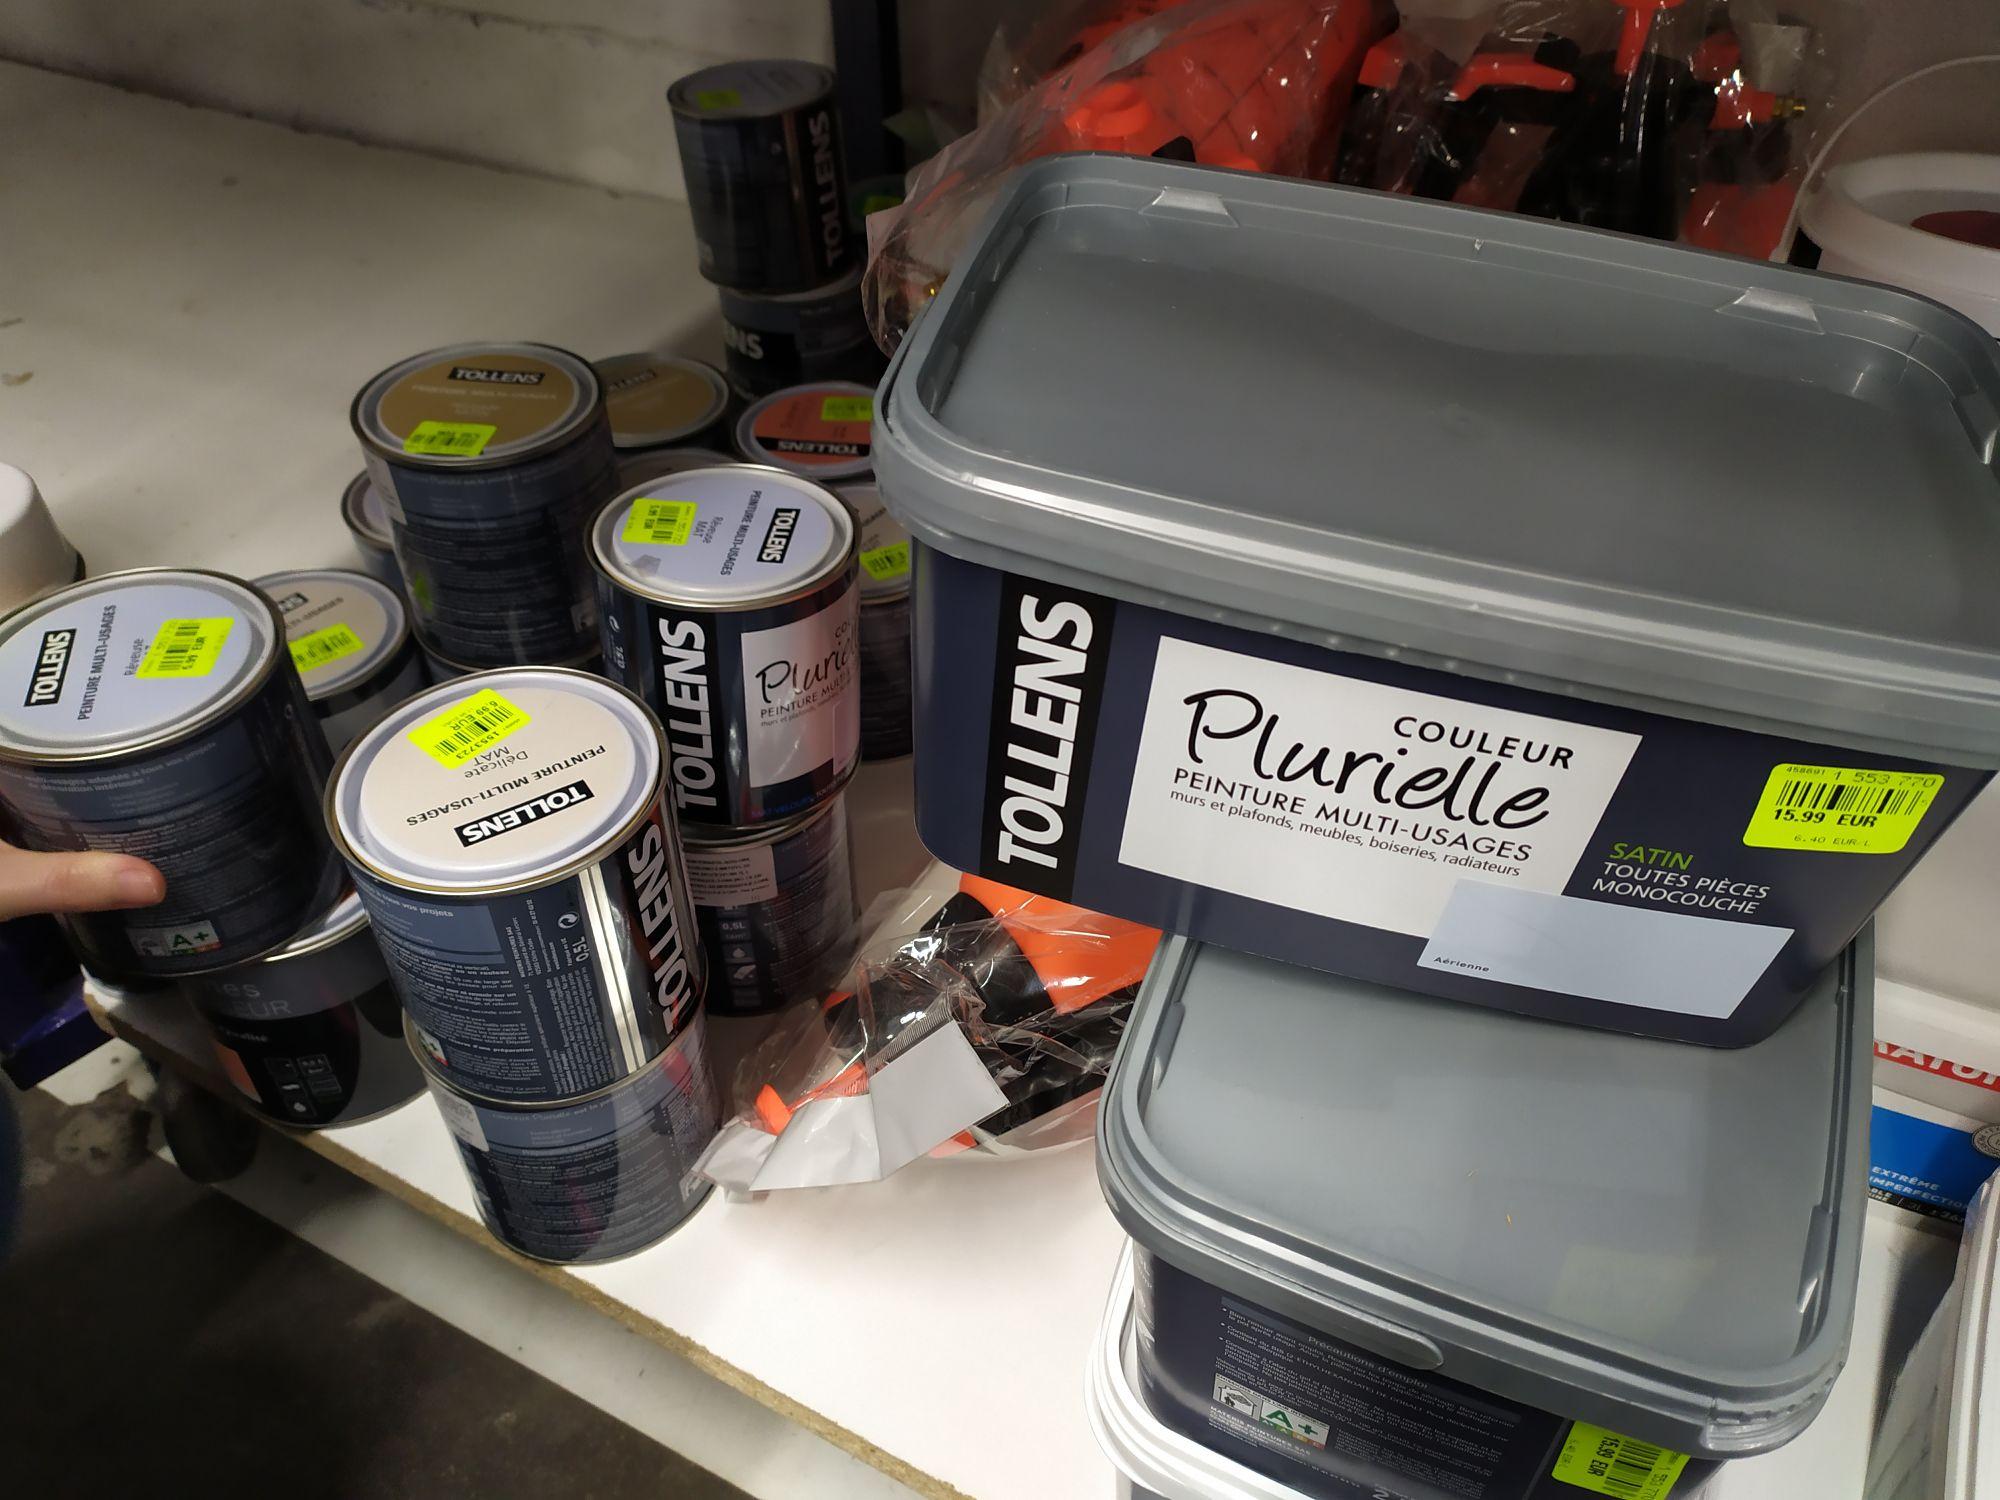 Pot de peinture Tollens - 0.5l, noz (national)